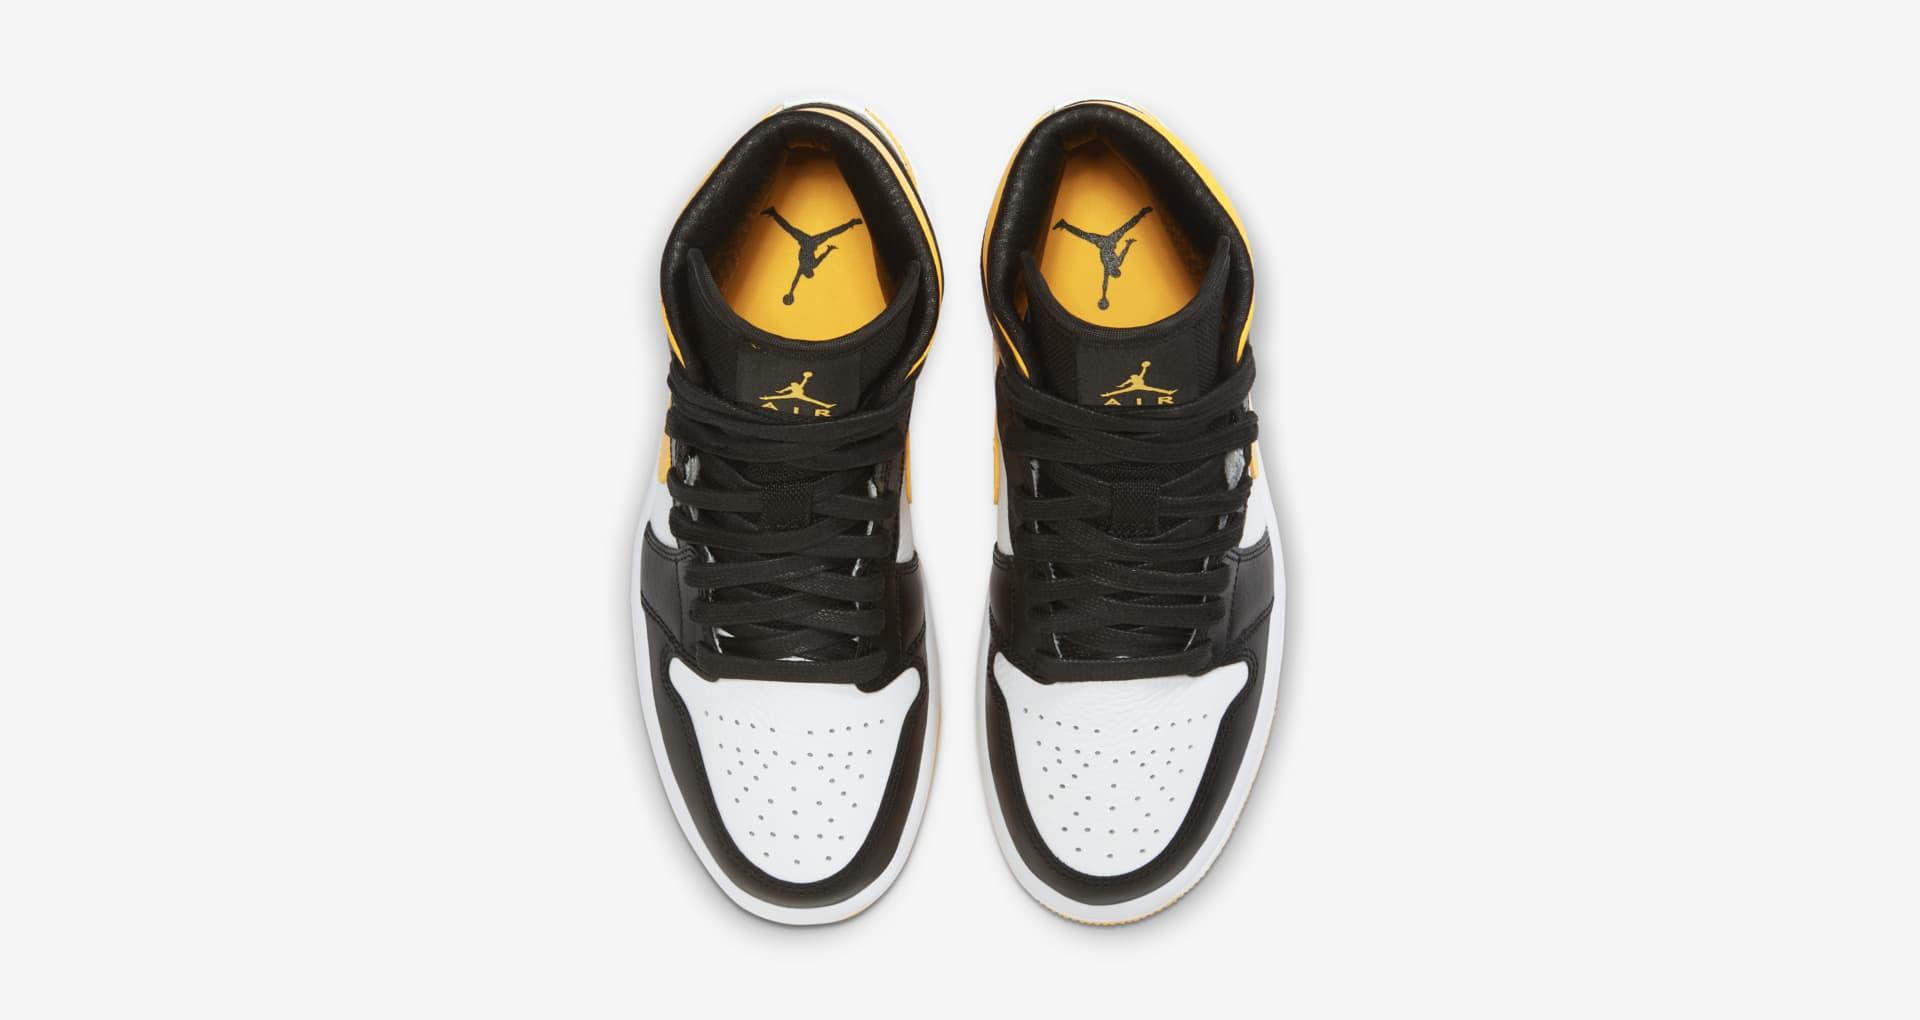 Air Jordan 1 Mid,AJ1 Mid,发售  黑脚趾 + 黄色飞翼!全新 Air Jordan 1 Mid 上架!